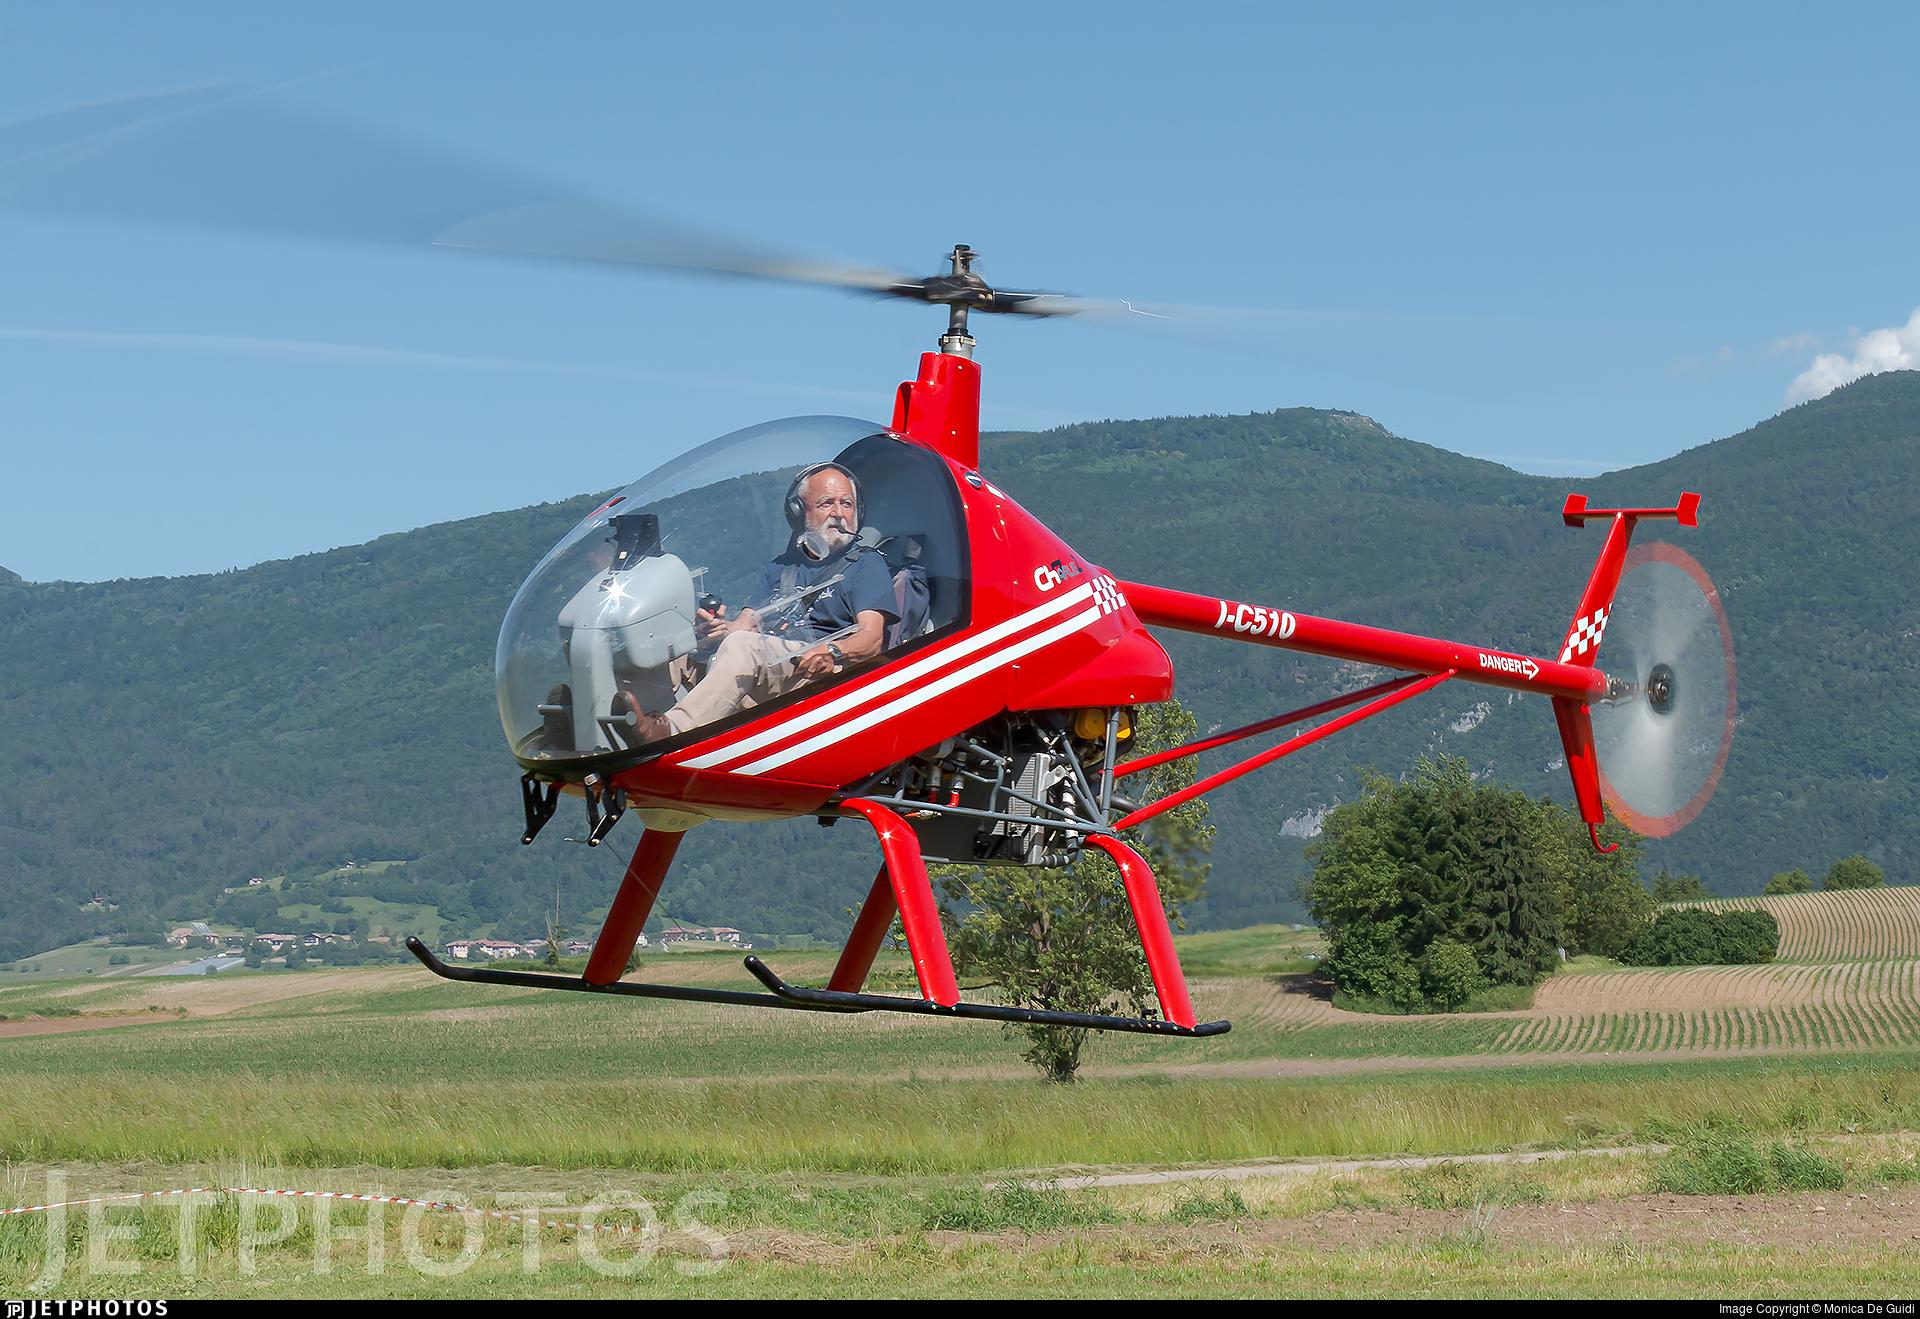 I-C510 - Heli-Sport CH-7 Charlie - Private